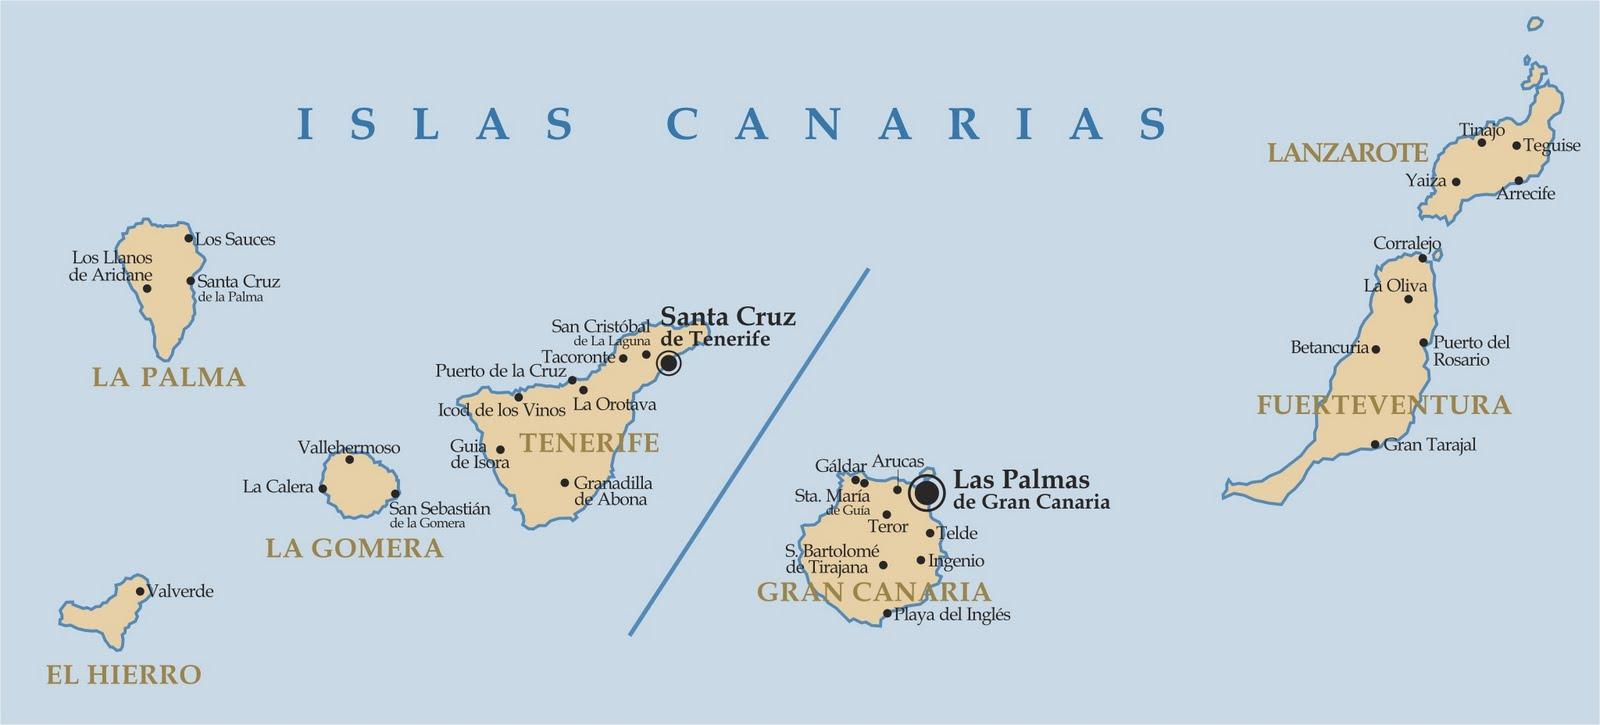 Mapa Politico De Canarias.Mapa Politico De Las Islas Canarias